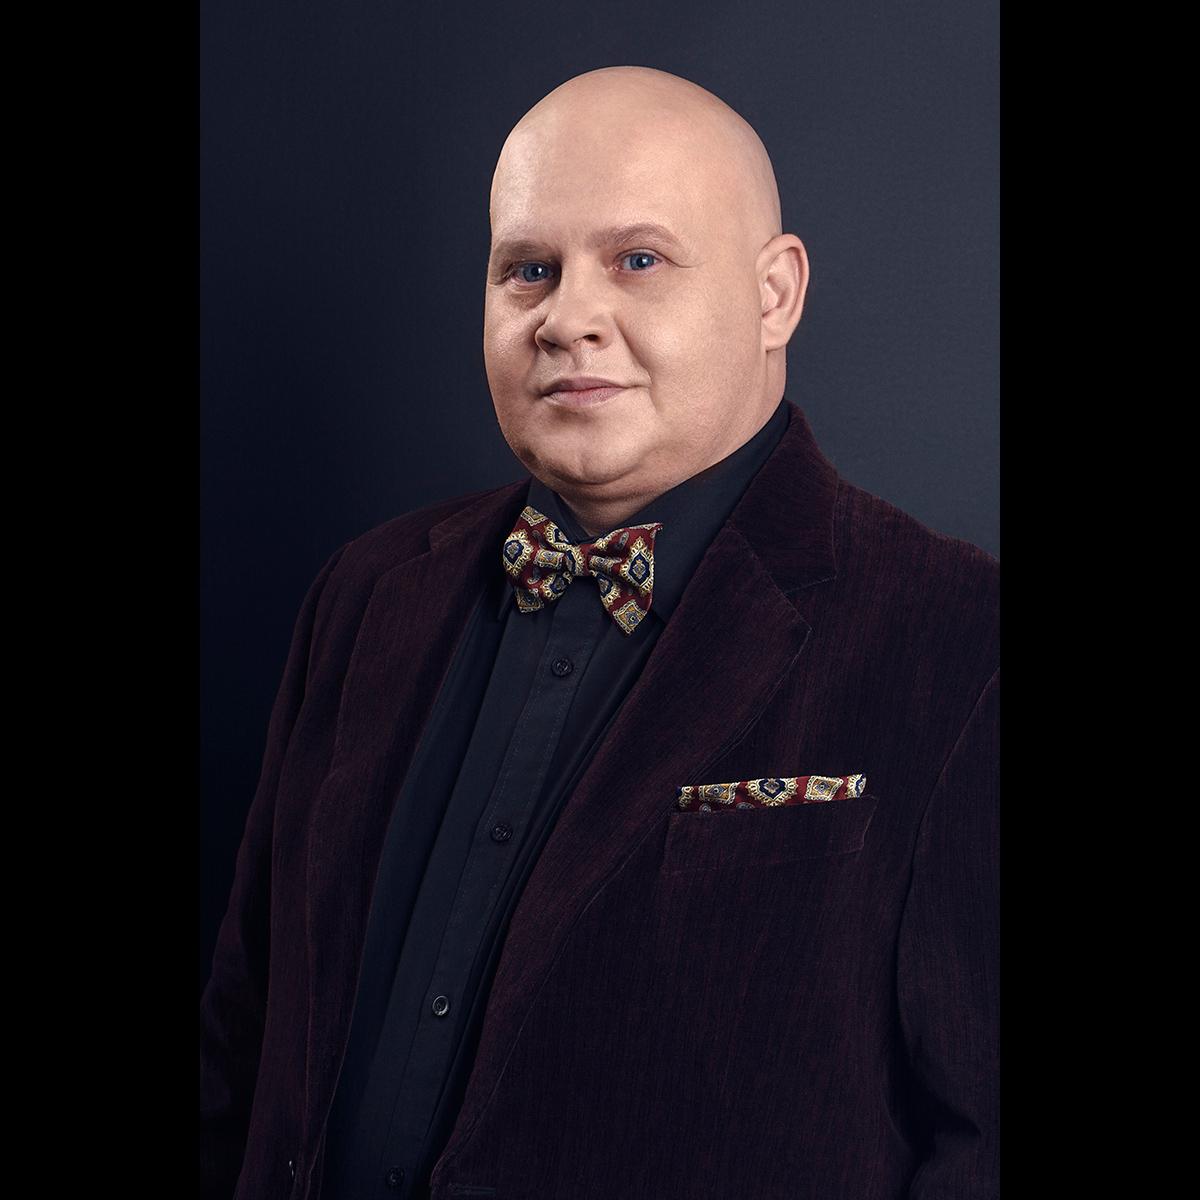 Łukasz Liszko - fotografia biznesowa - wizerunkowa - DJ Stylo